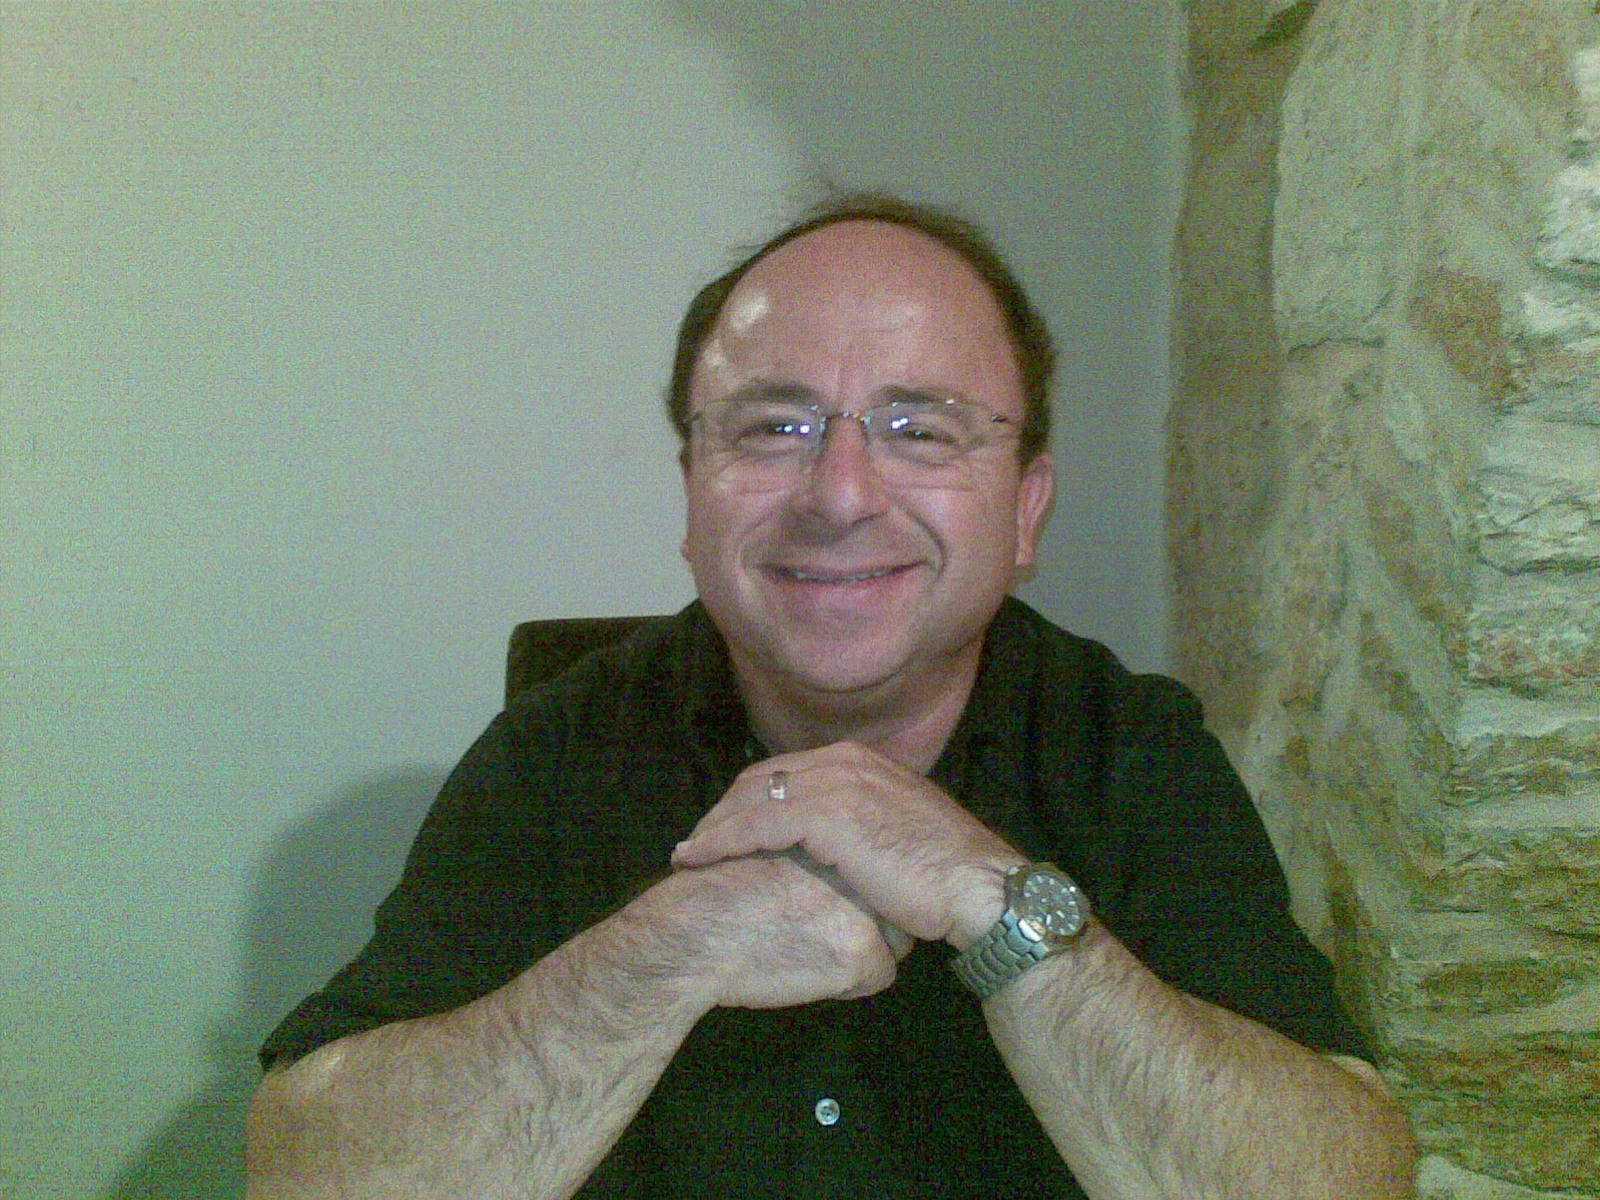 דוקטור אליהו גזלה - תמונת פרופיל